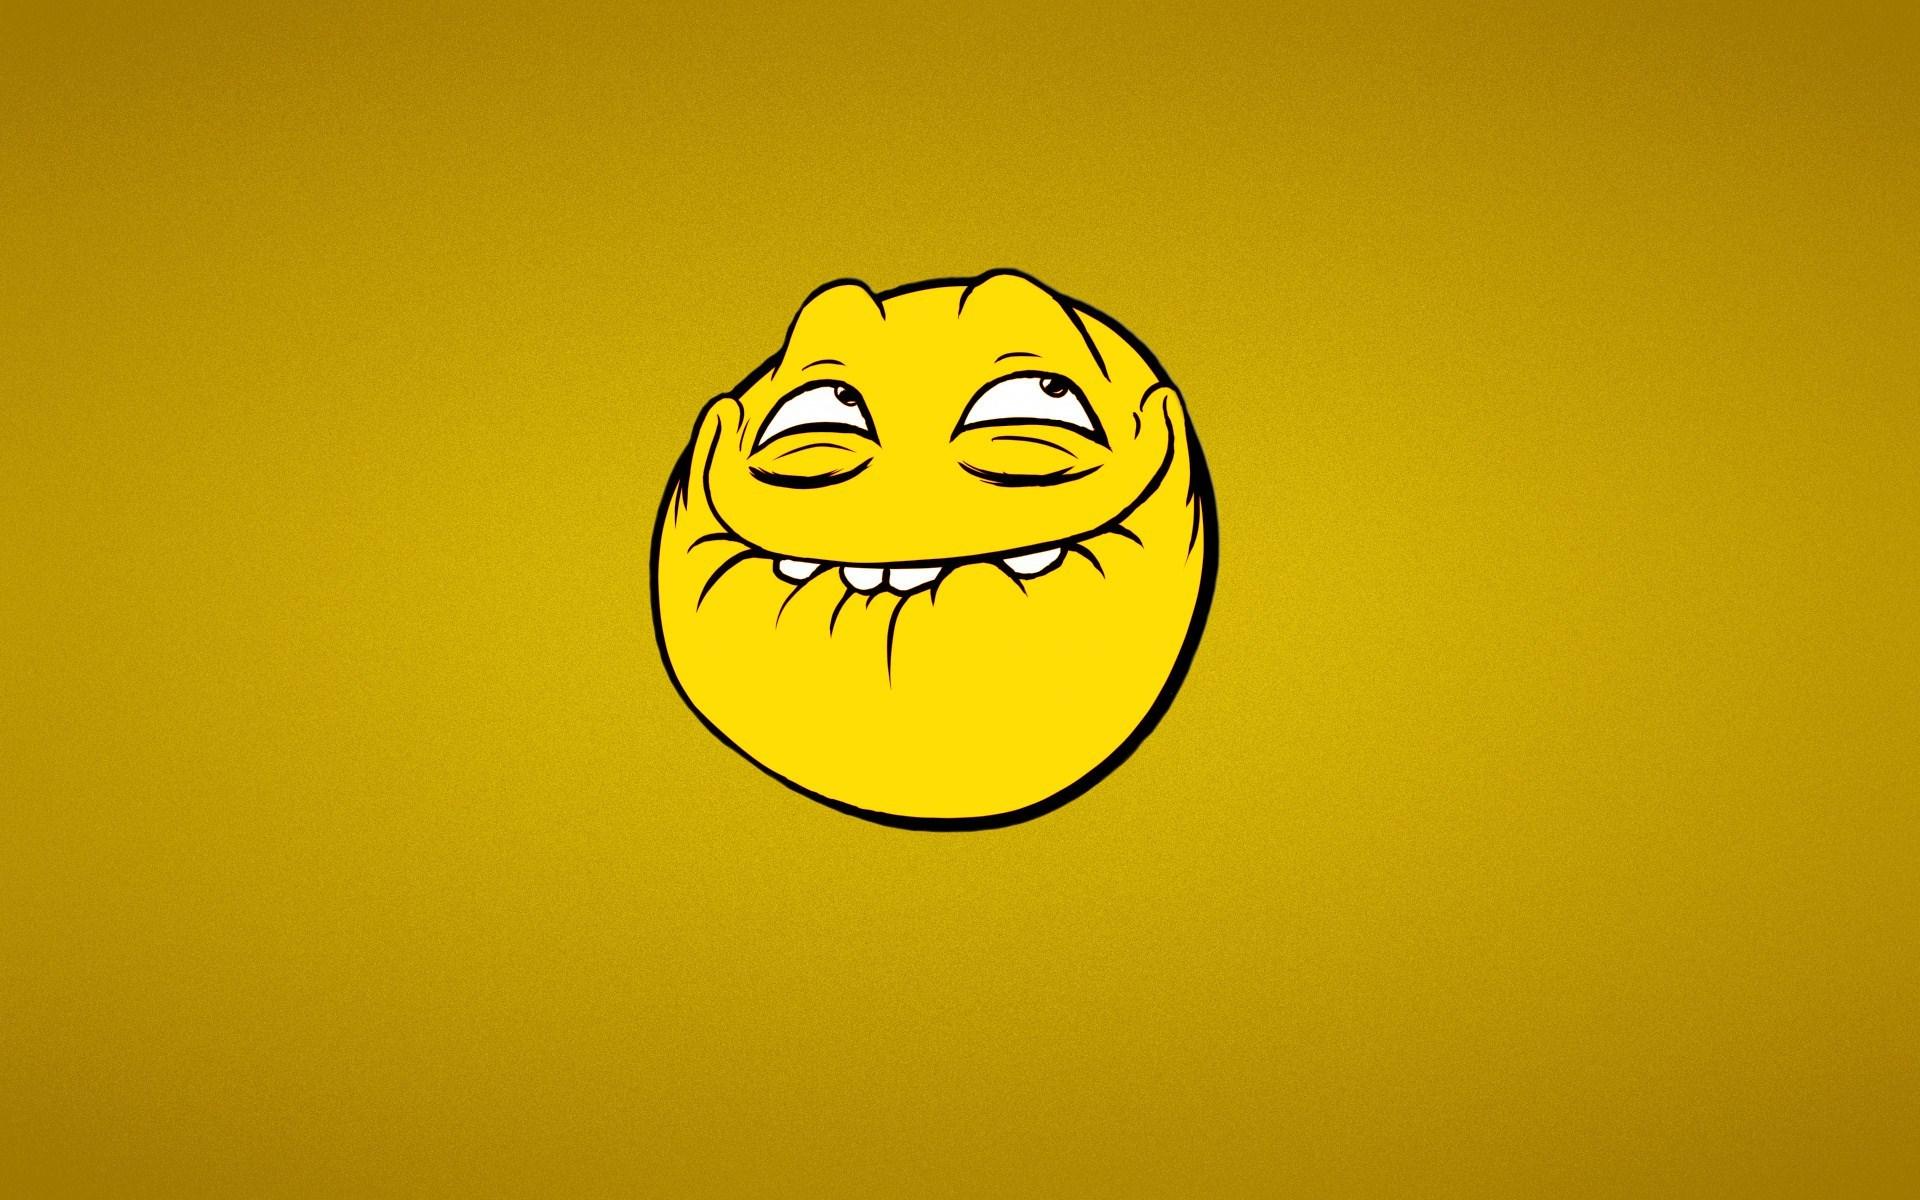 hình ảnh mặt cười dễ thương